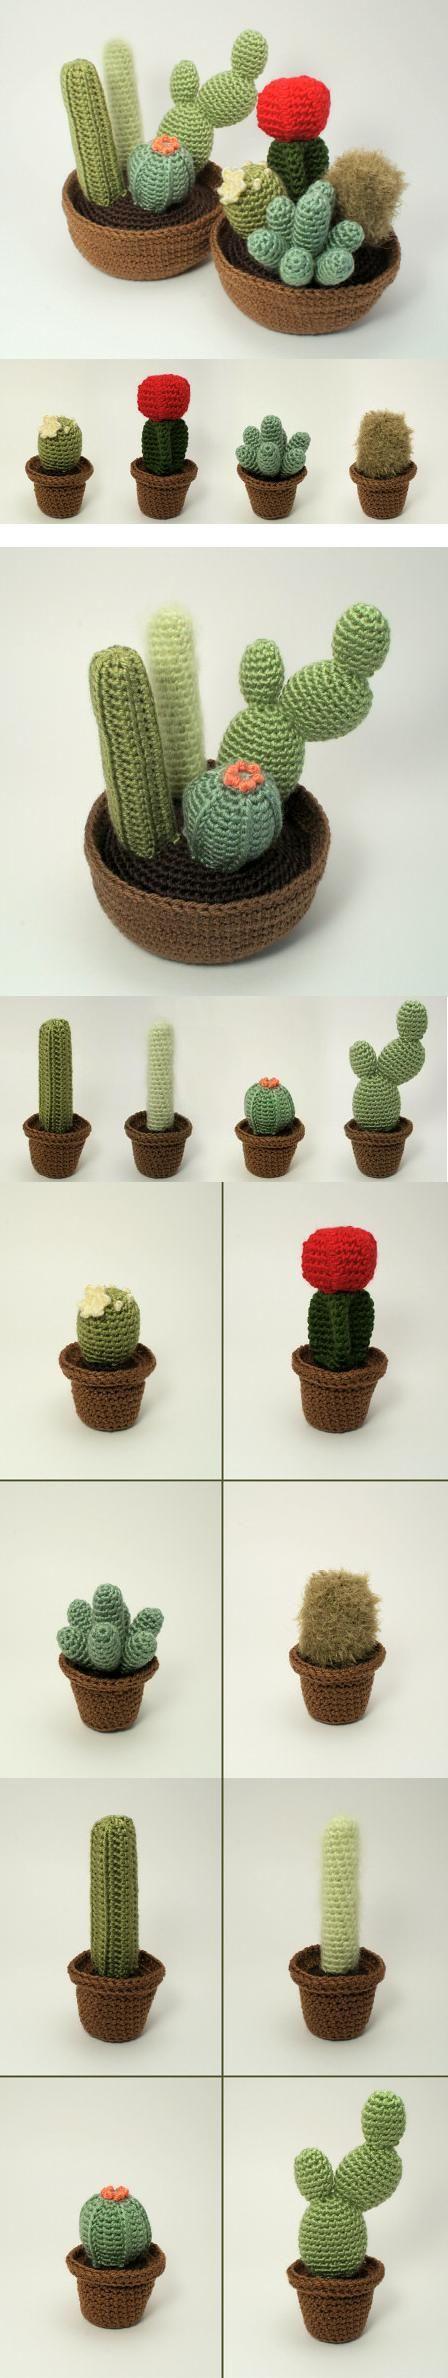 Enfin des cactus que je ne ferais pas mourir... http://www.planetjune.com/blog/cactus-collection-crochet-patterns/